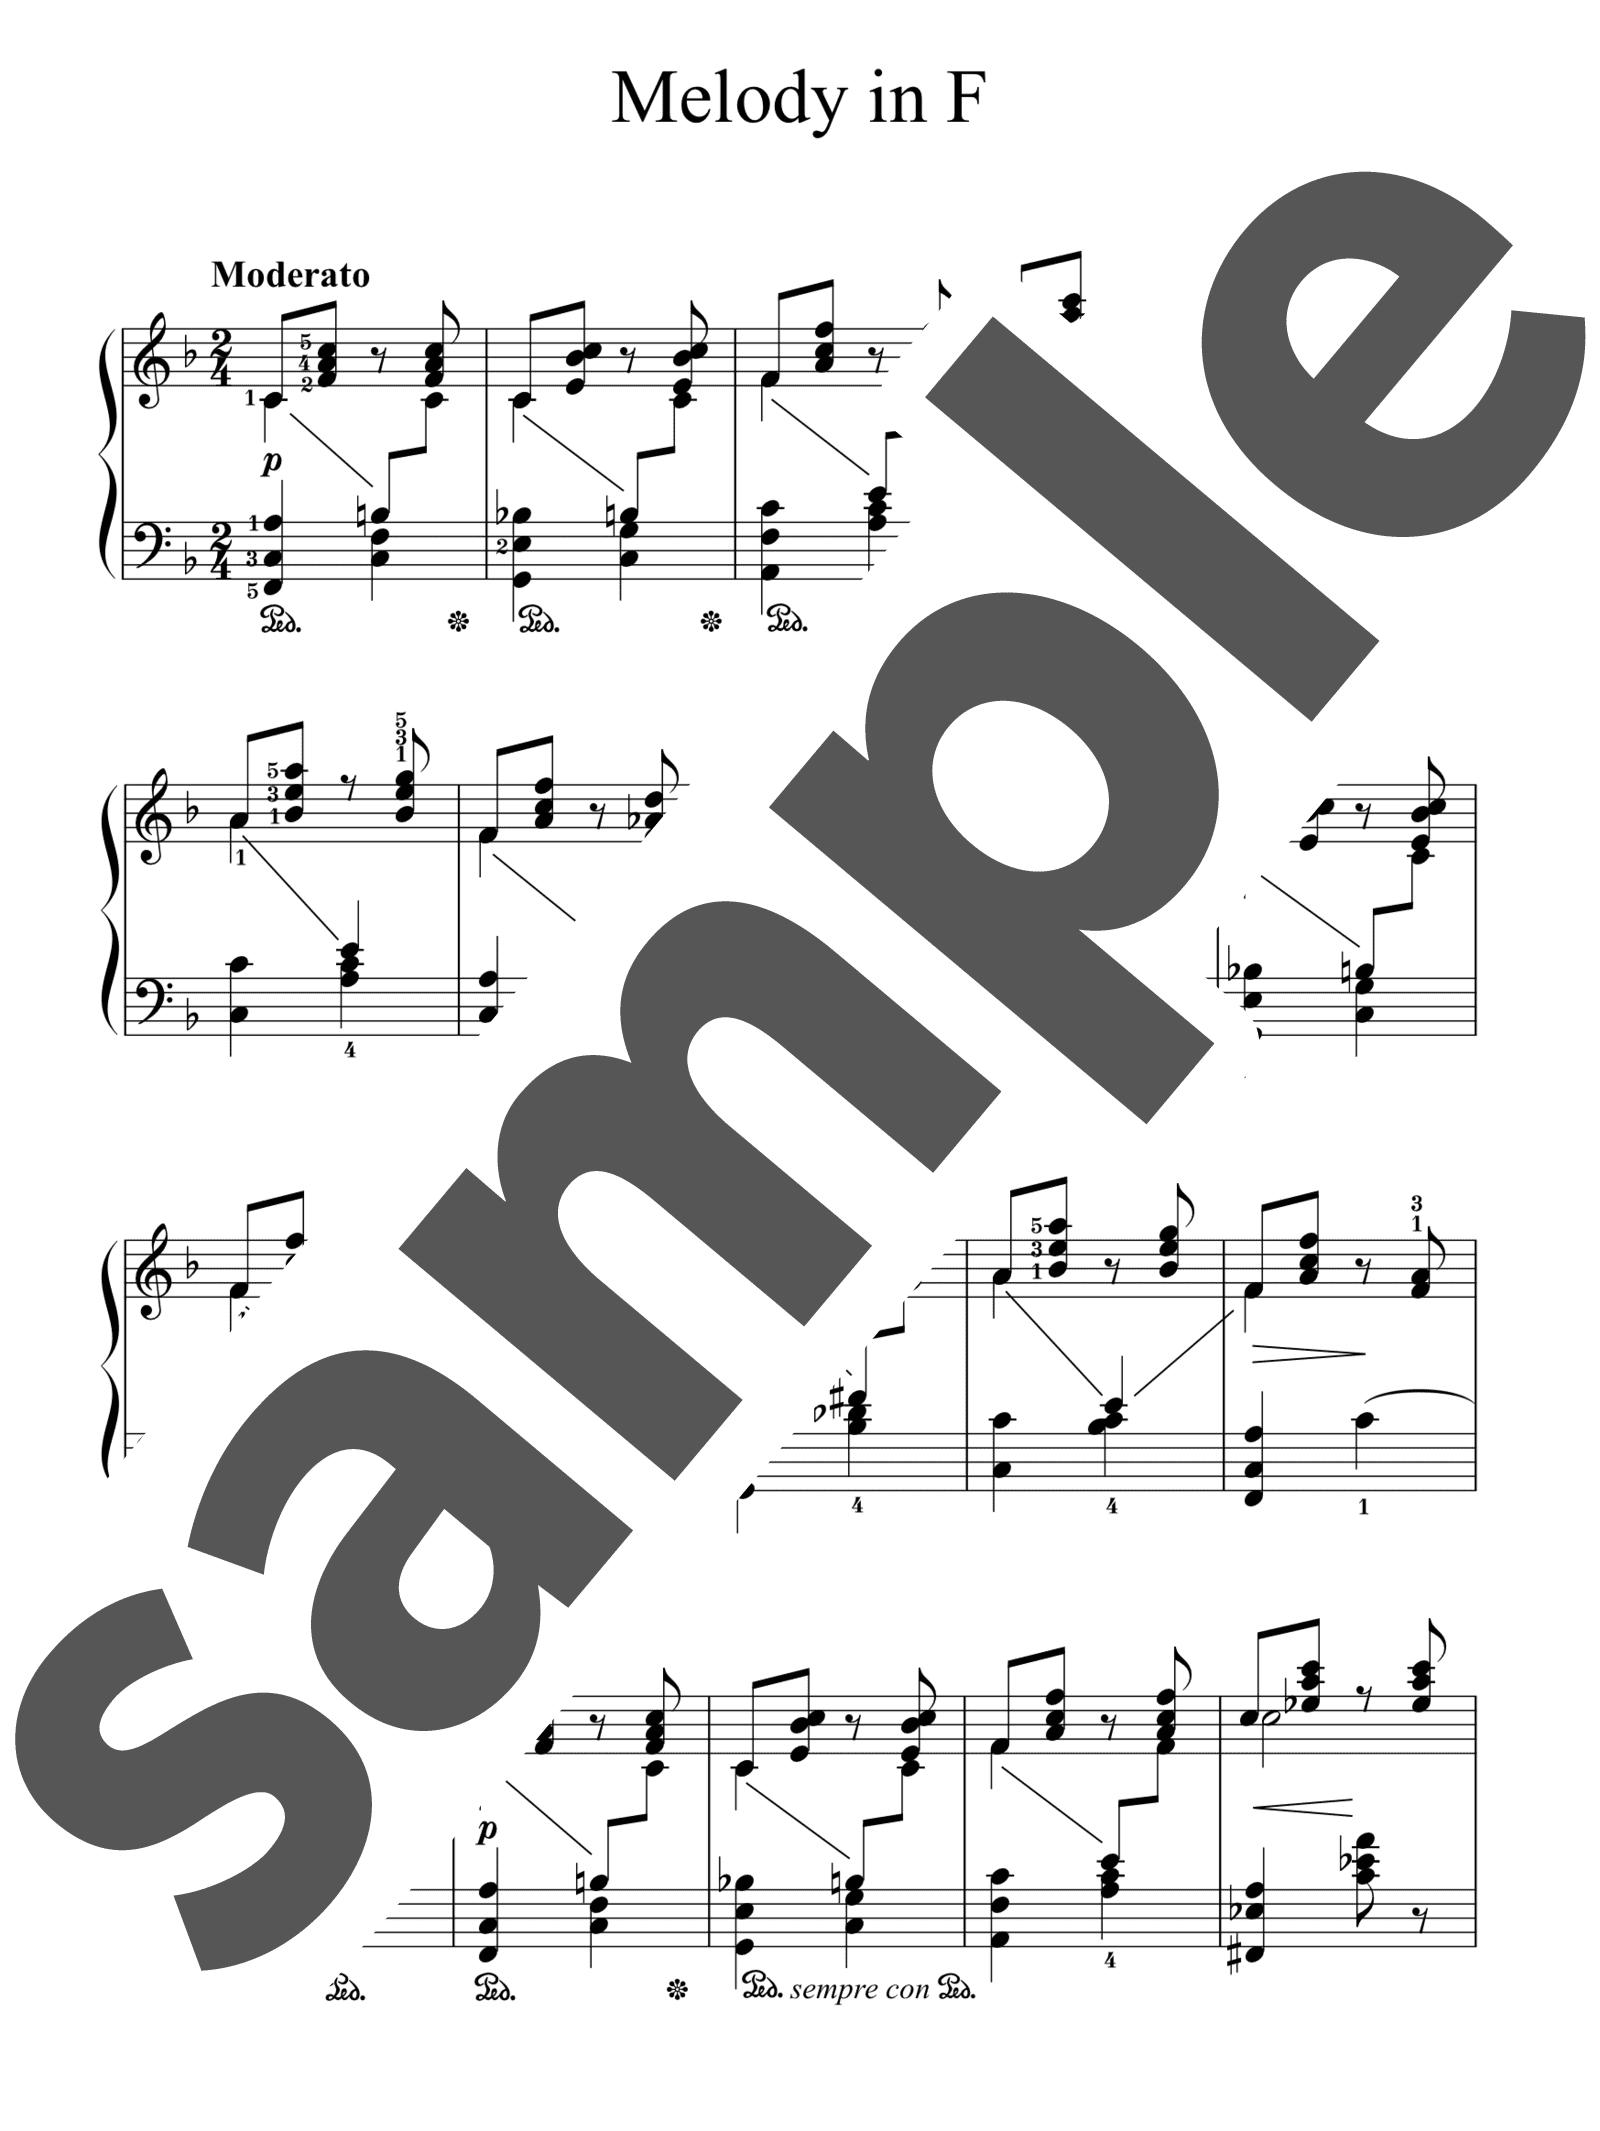 「ヘ調のメロディー」のサンプル楽譜